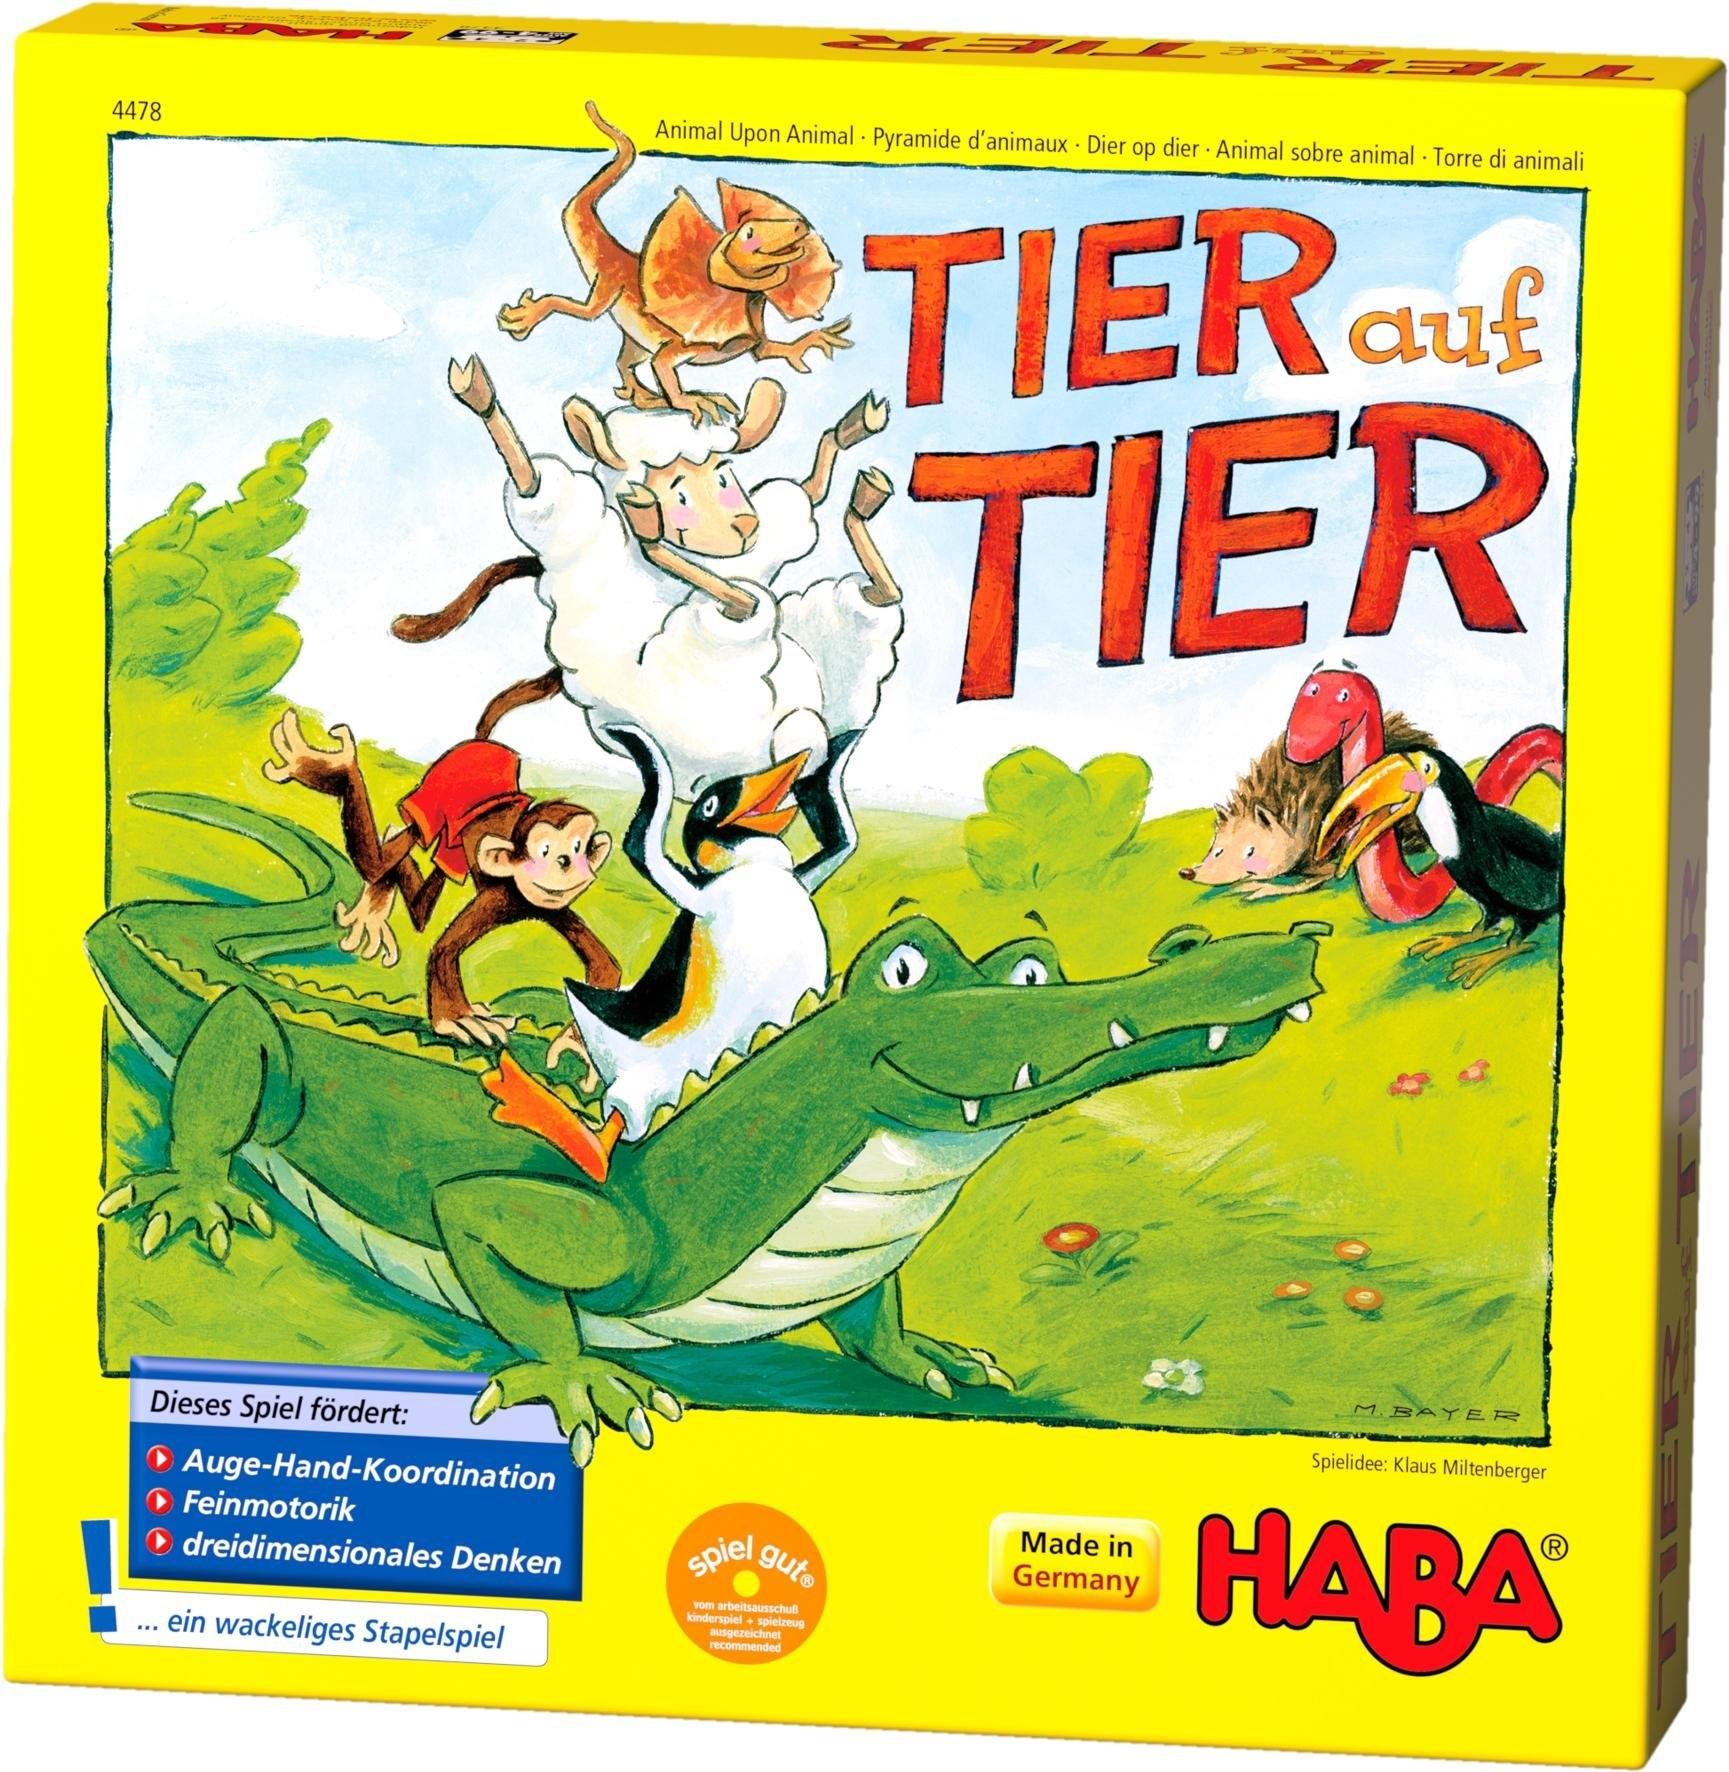 HABA ® kinderspel, »Tier auf Tier« nu online bestellen